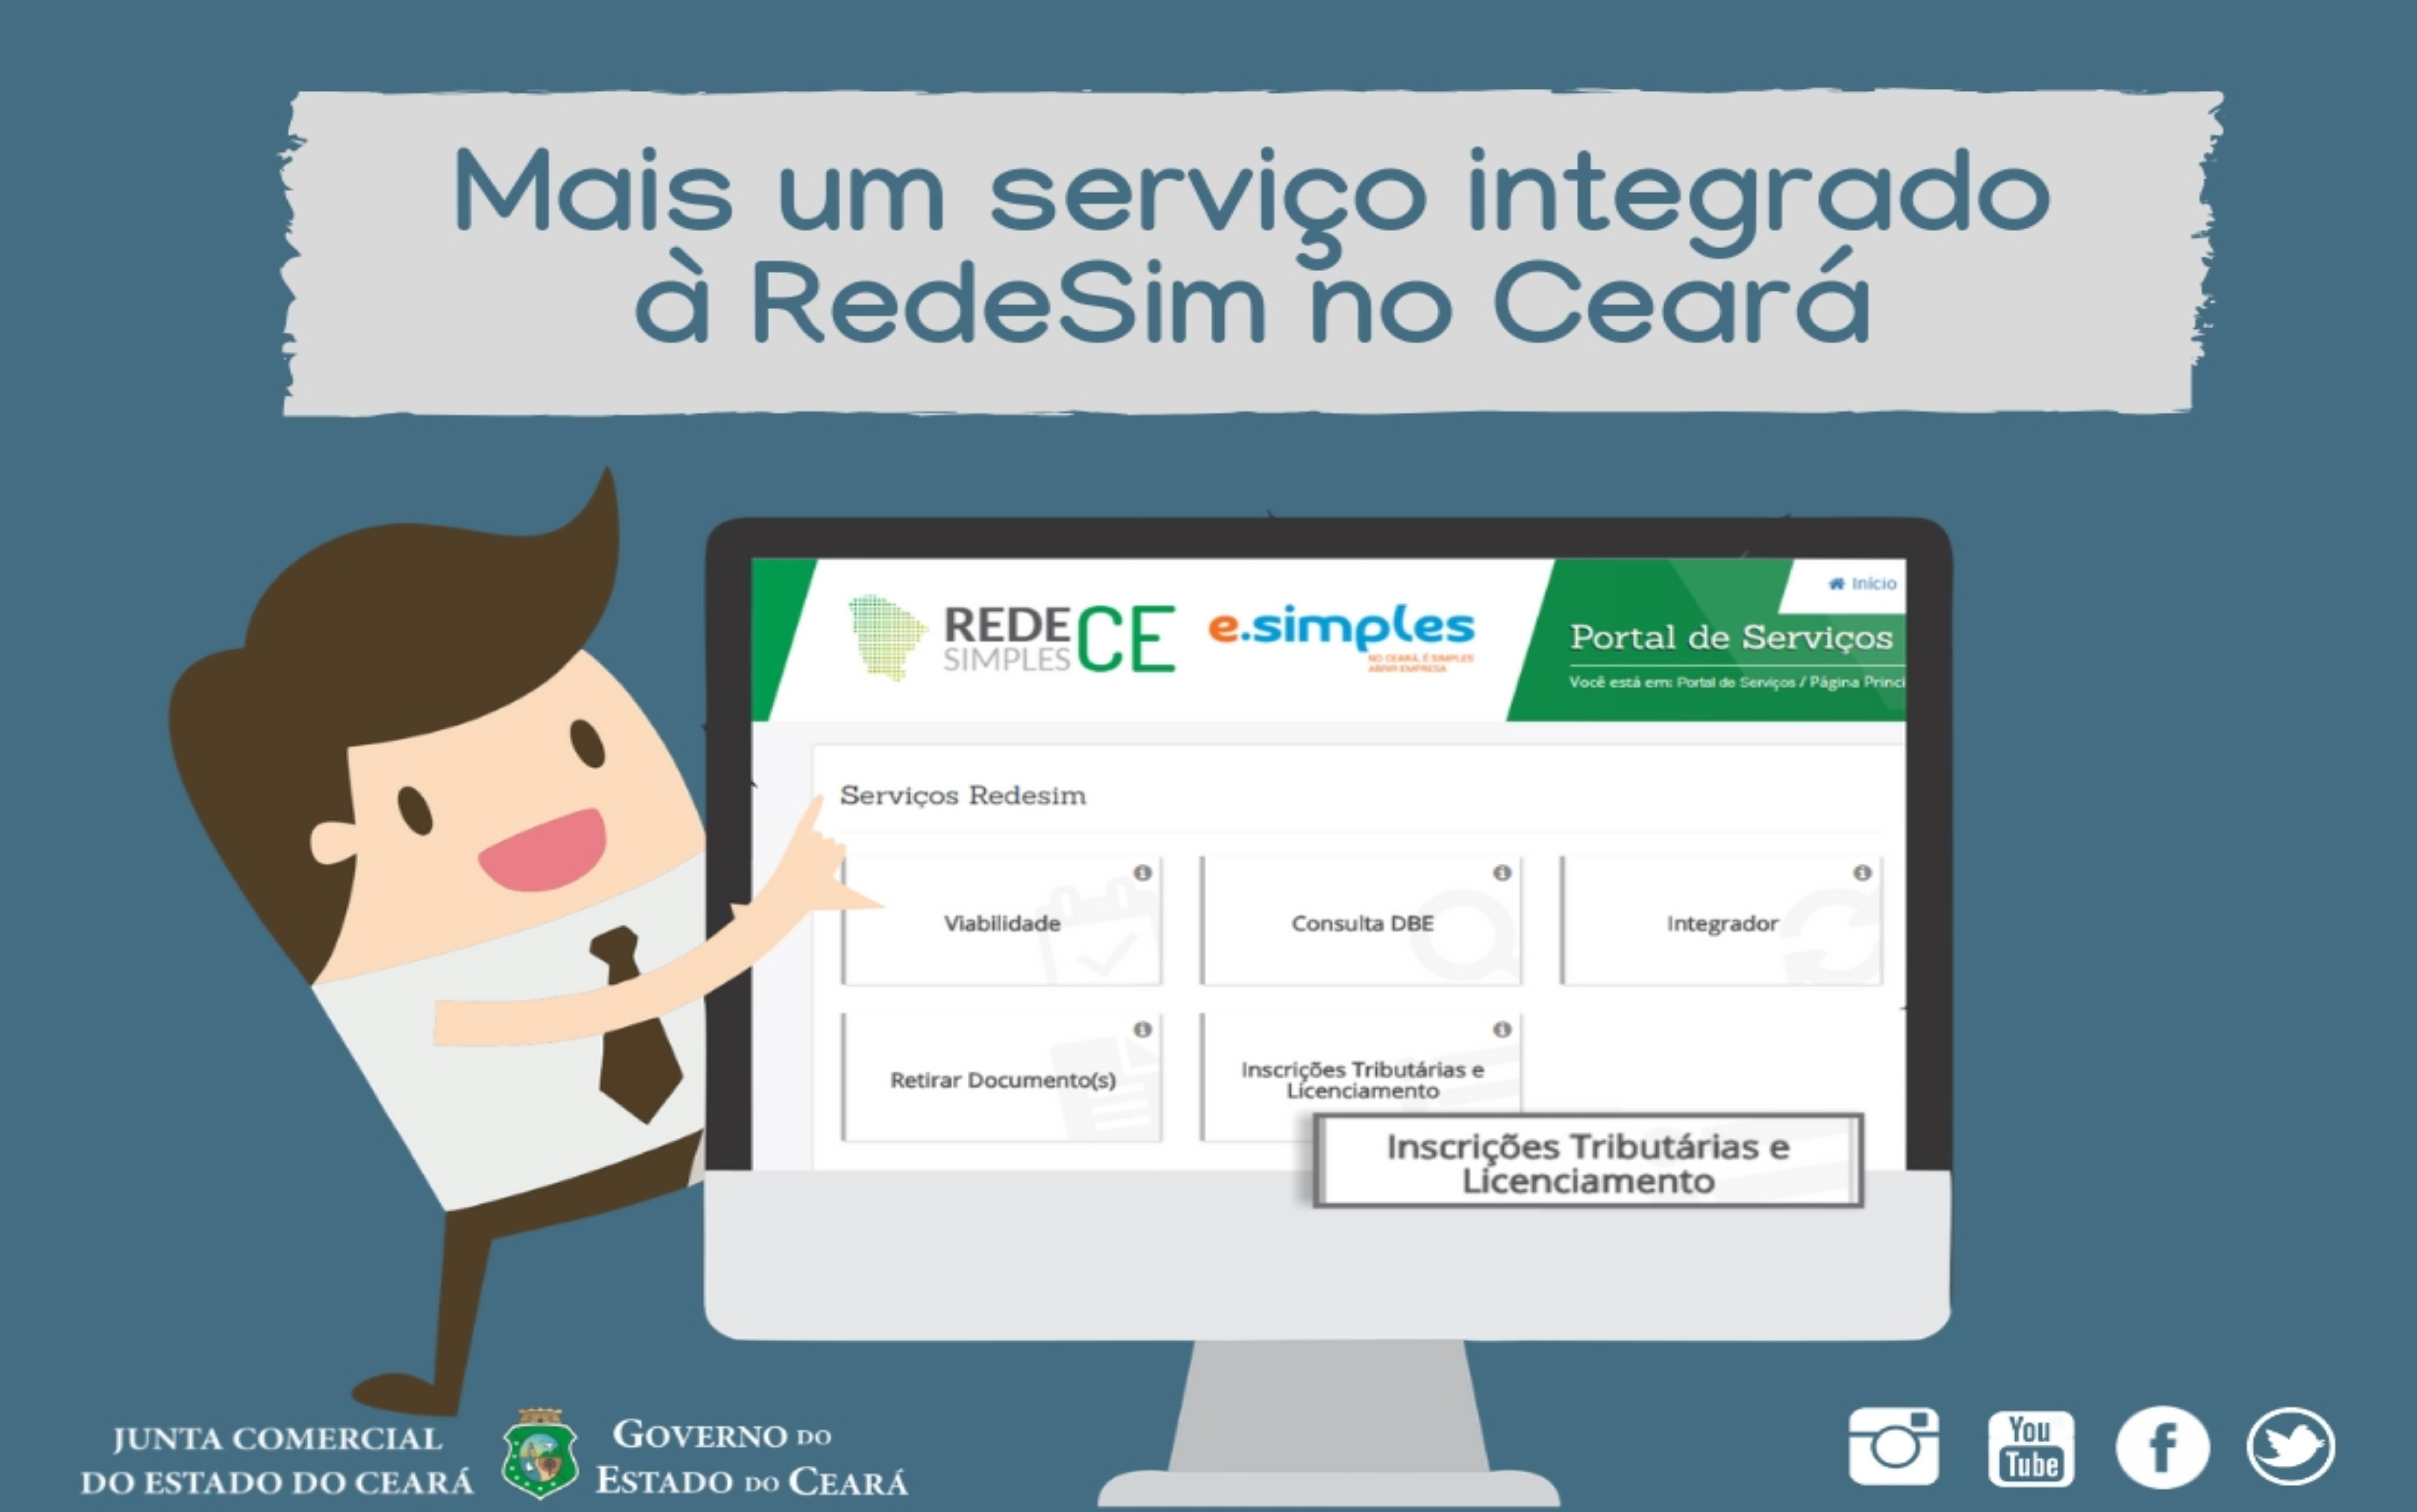 Mais um serviço integrado à RedeSim no Ceará